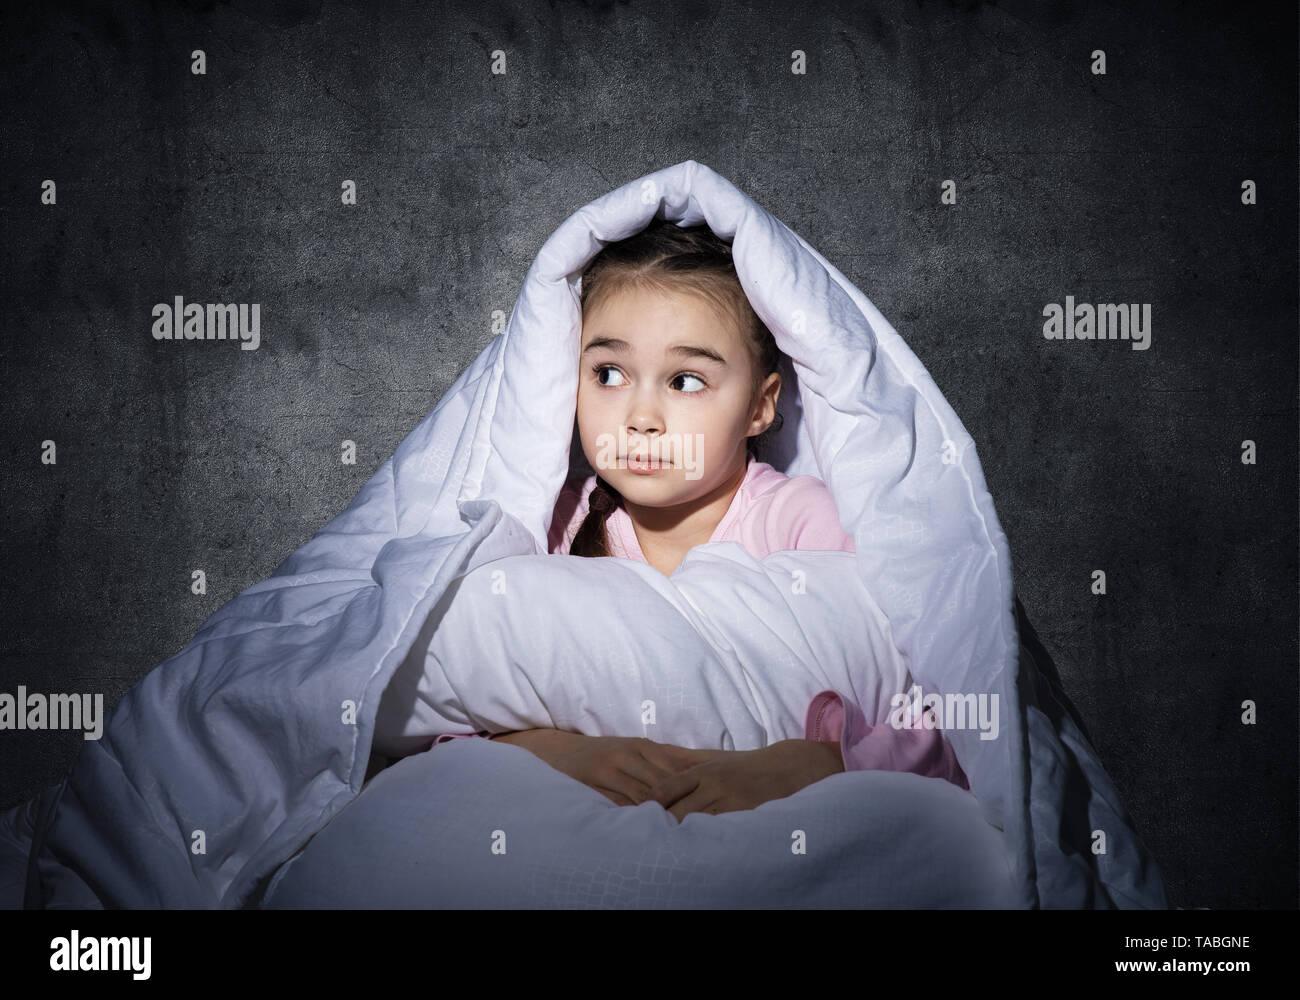 Frightened girl hiding under blanket - Stock Image